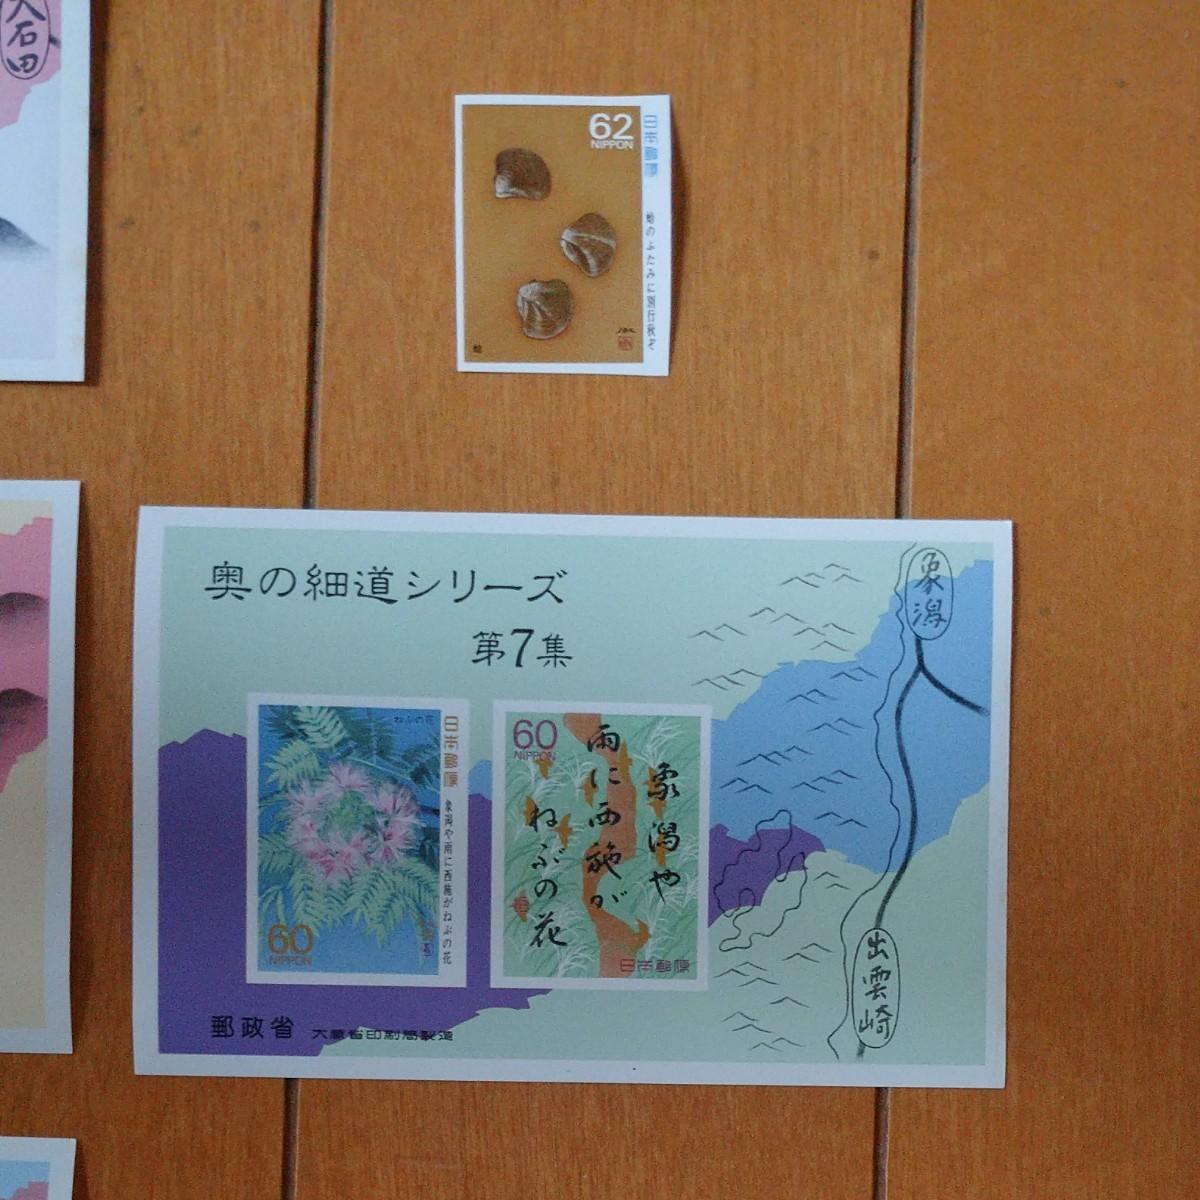 切手 いろいろ アソート セット 切手趣味週間 奥の細道シリーズ 他 切手シート